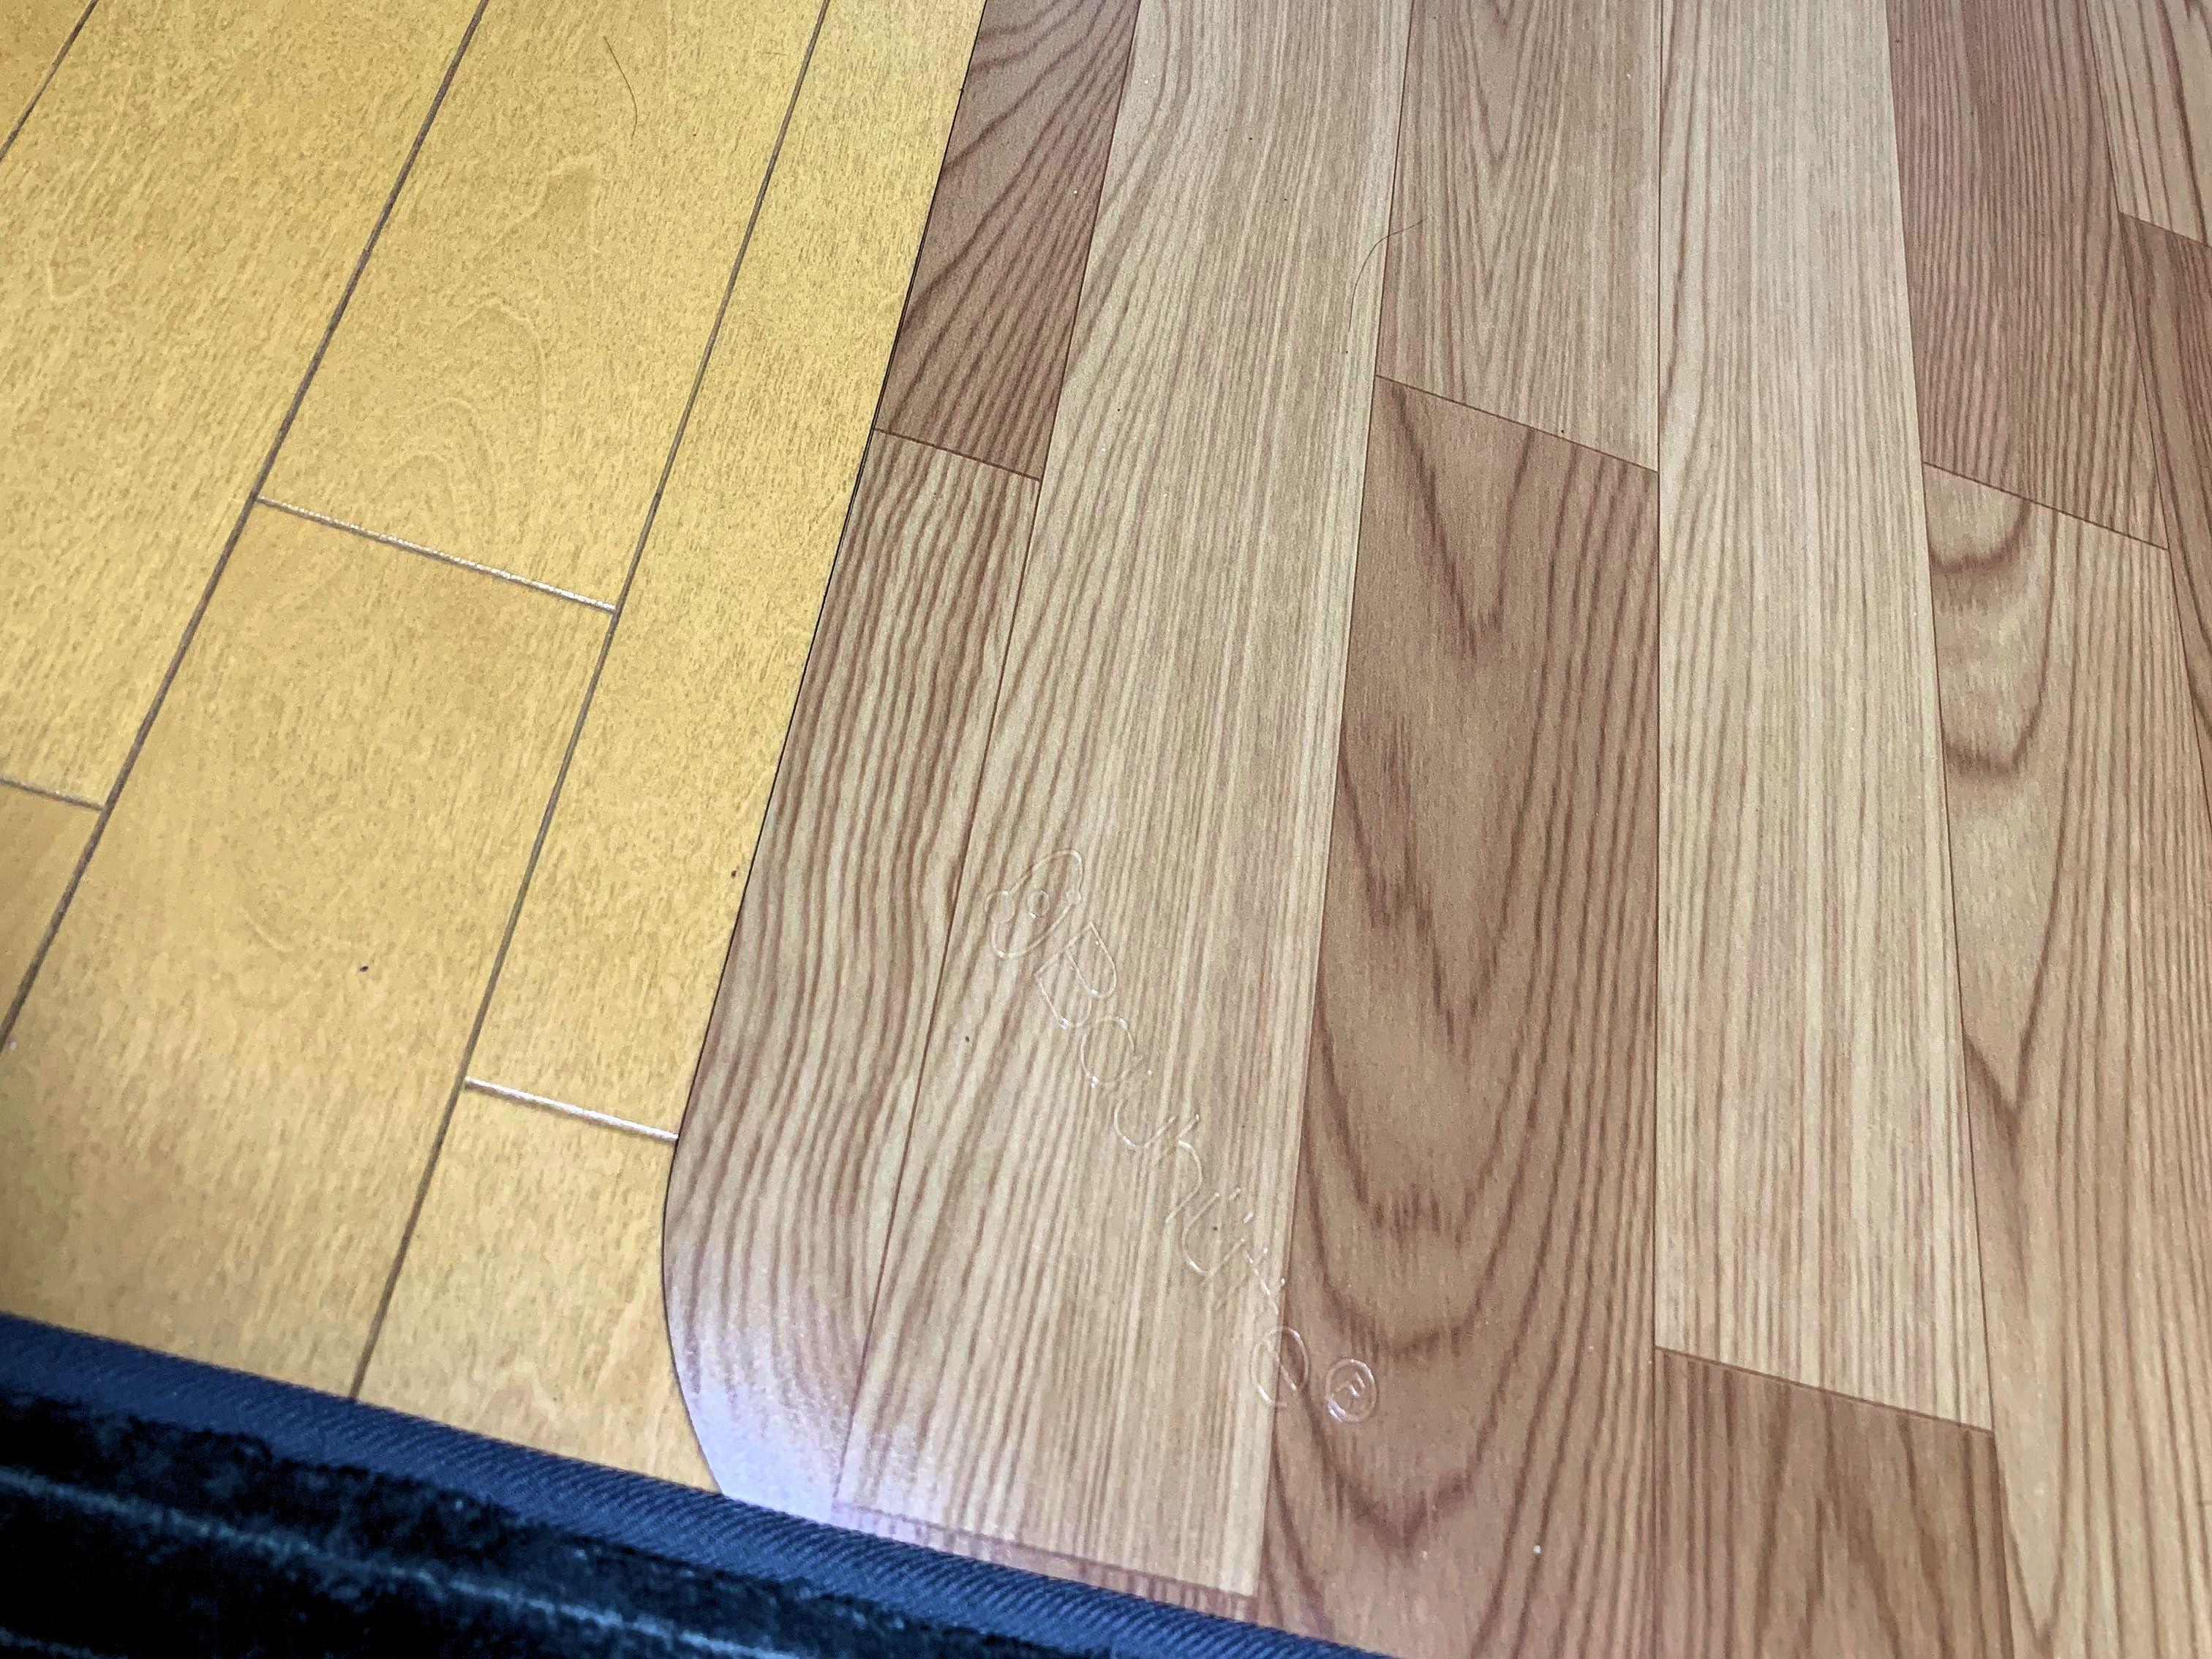 """木目調の<a href=""""https://www.bauhutte.jp/product/bcm120/"""">チェアマット(BCM-160F)</a>(右側)。床面へのキズを防止してくれる。この写真は見分けがつきやすいように撮影してみたが、他の写真を見ればわかるように、意外と差が気にならない(性格にもよると思うが)"""